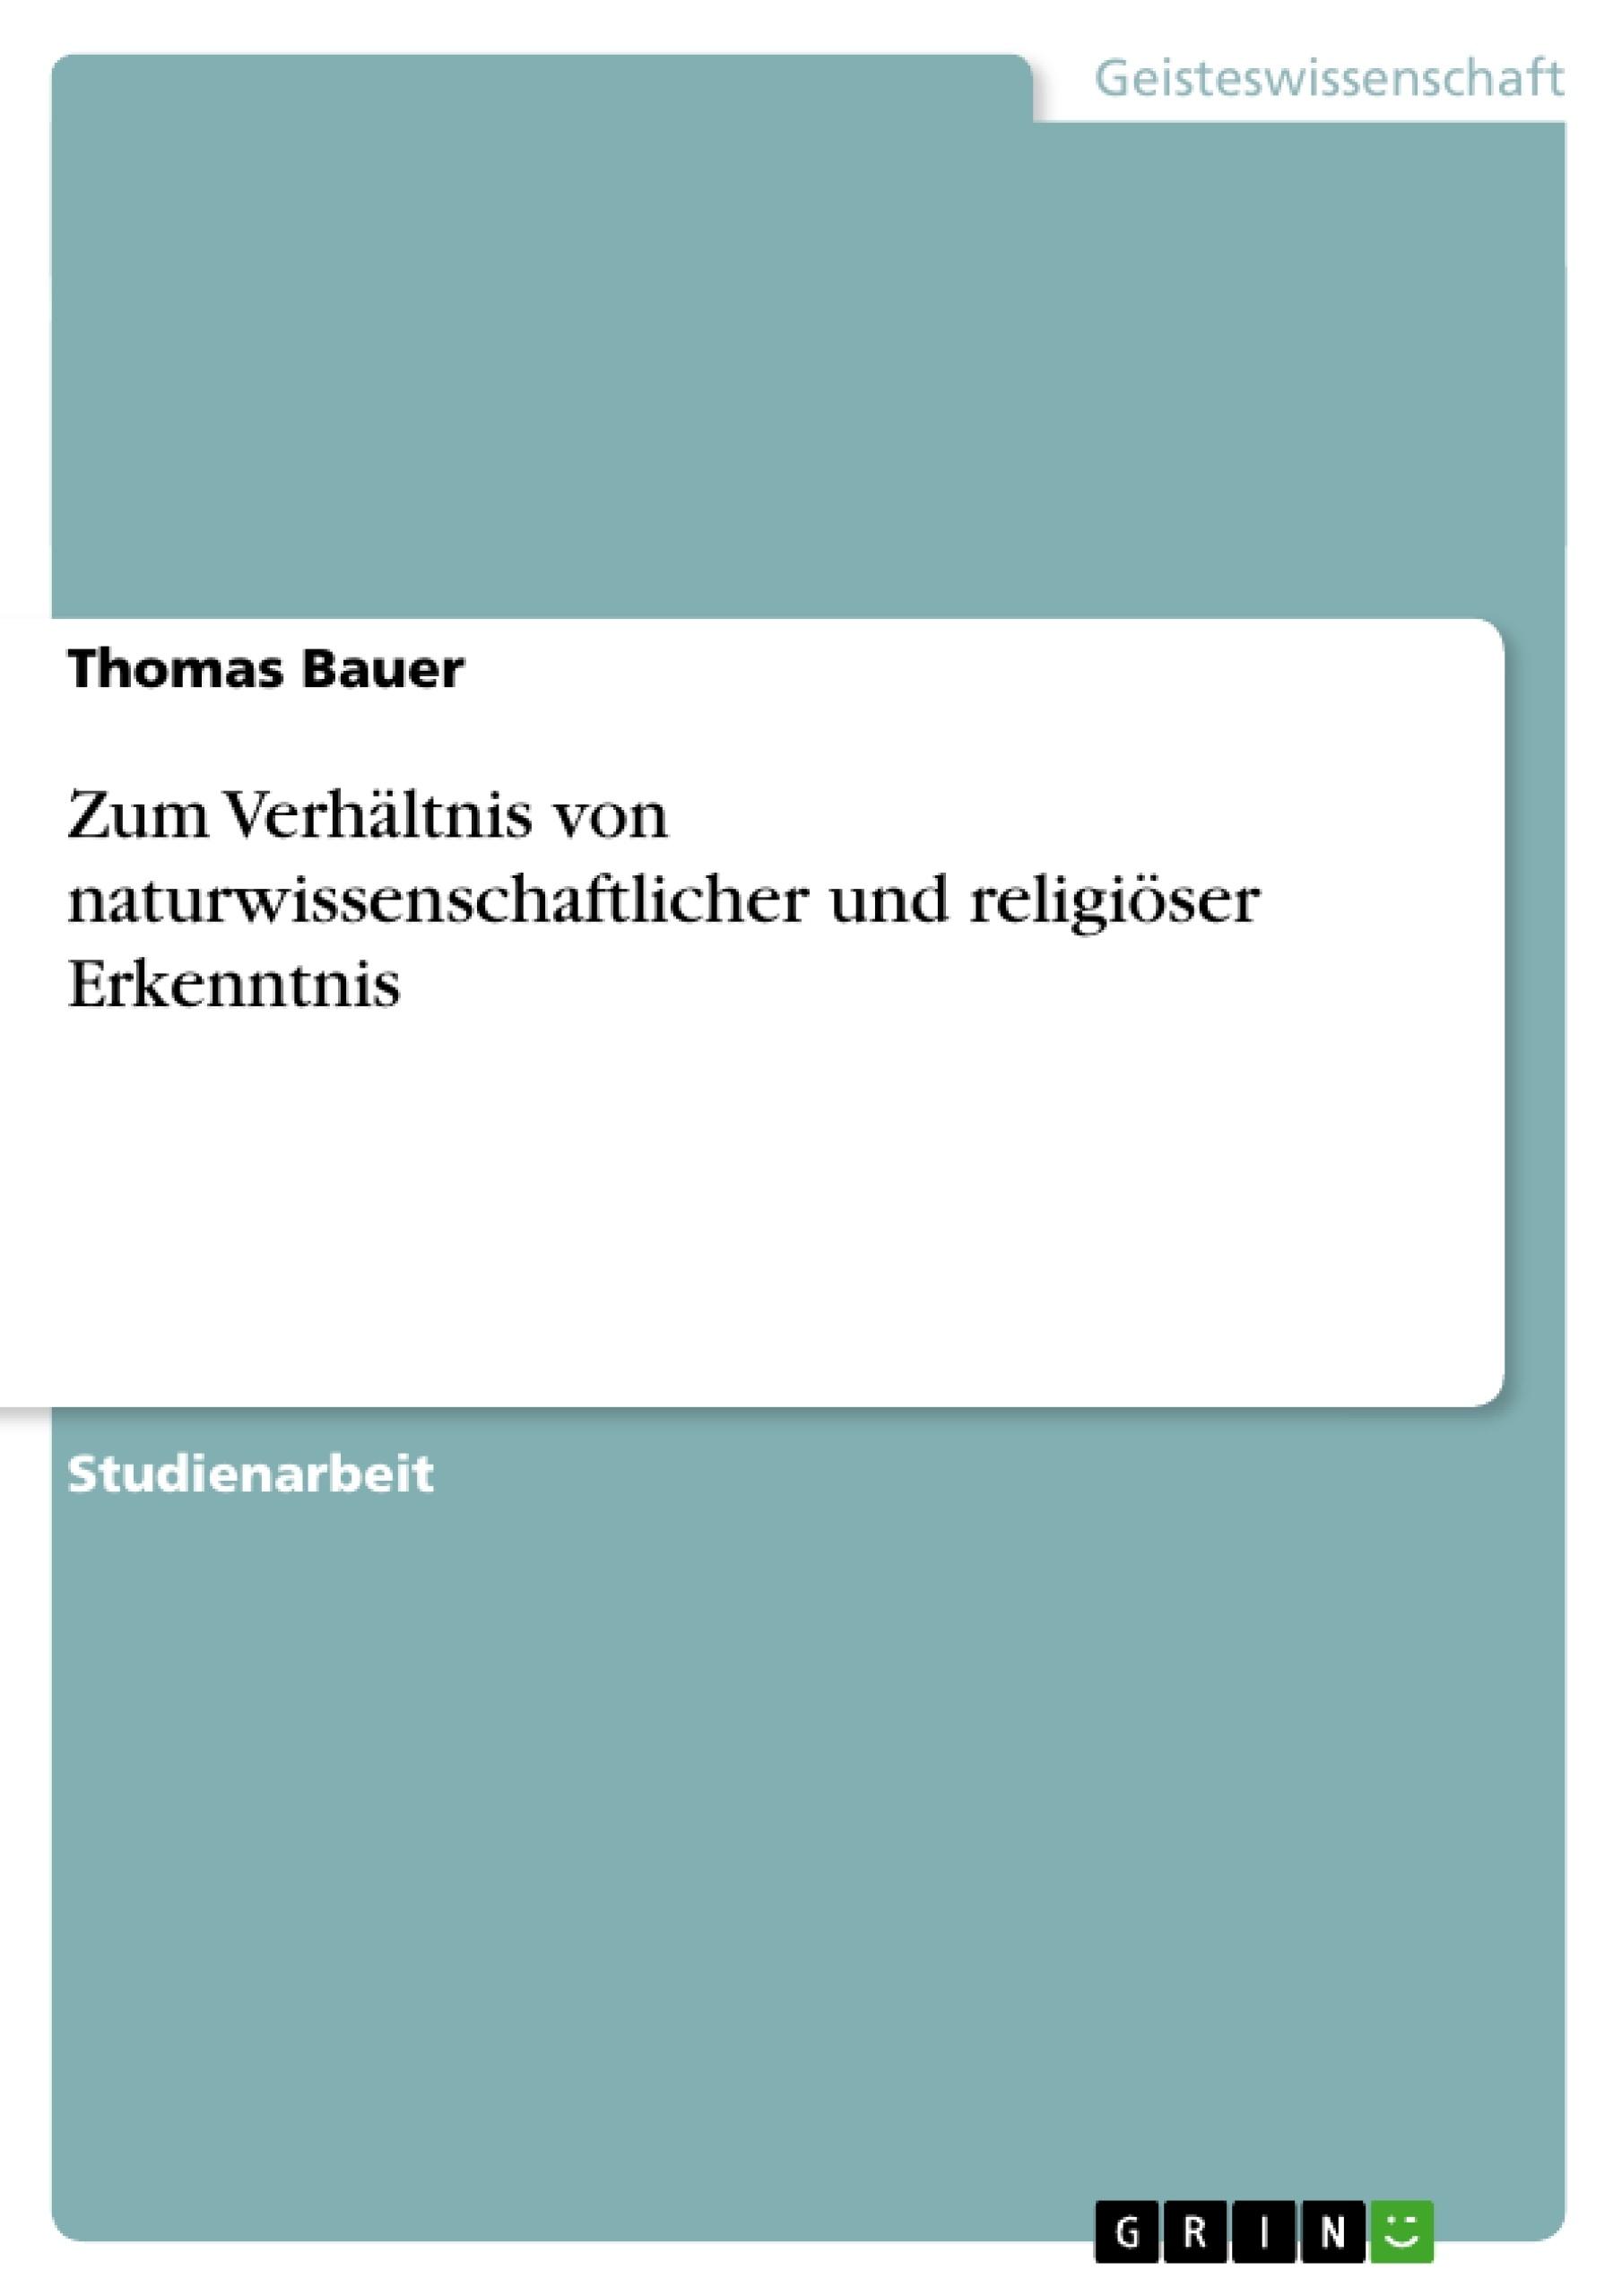 Titel: Zum Verhältnis von naturwissenschaftlicher und religiöser Erkenntnis